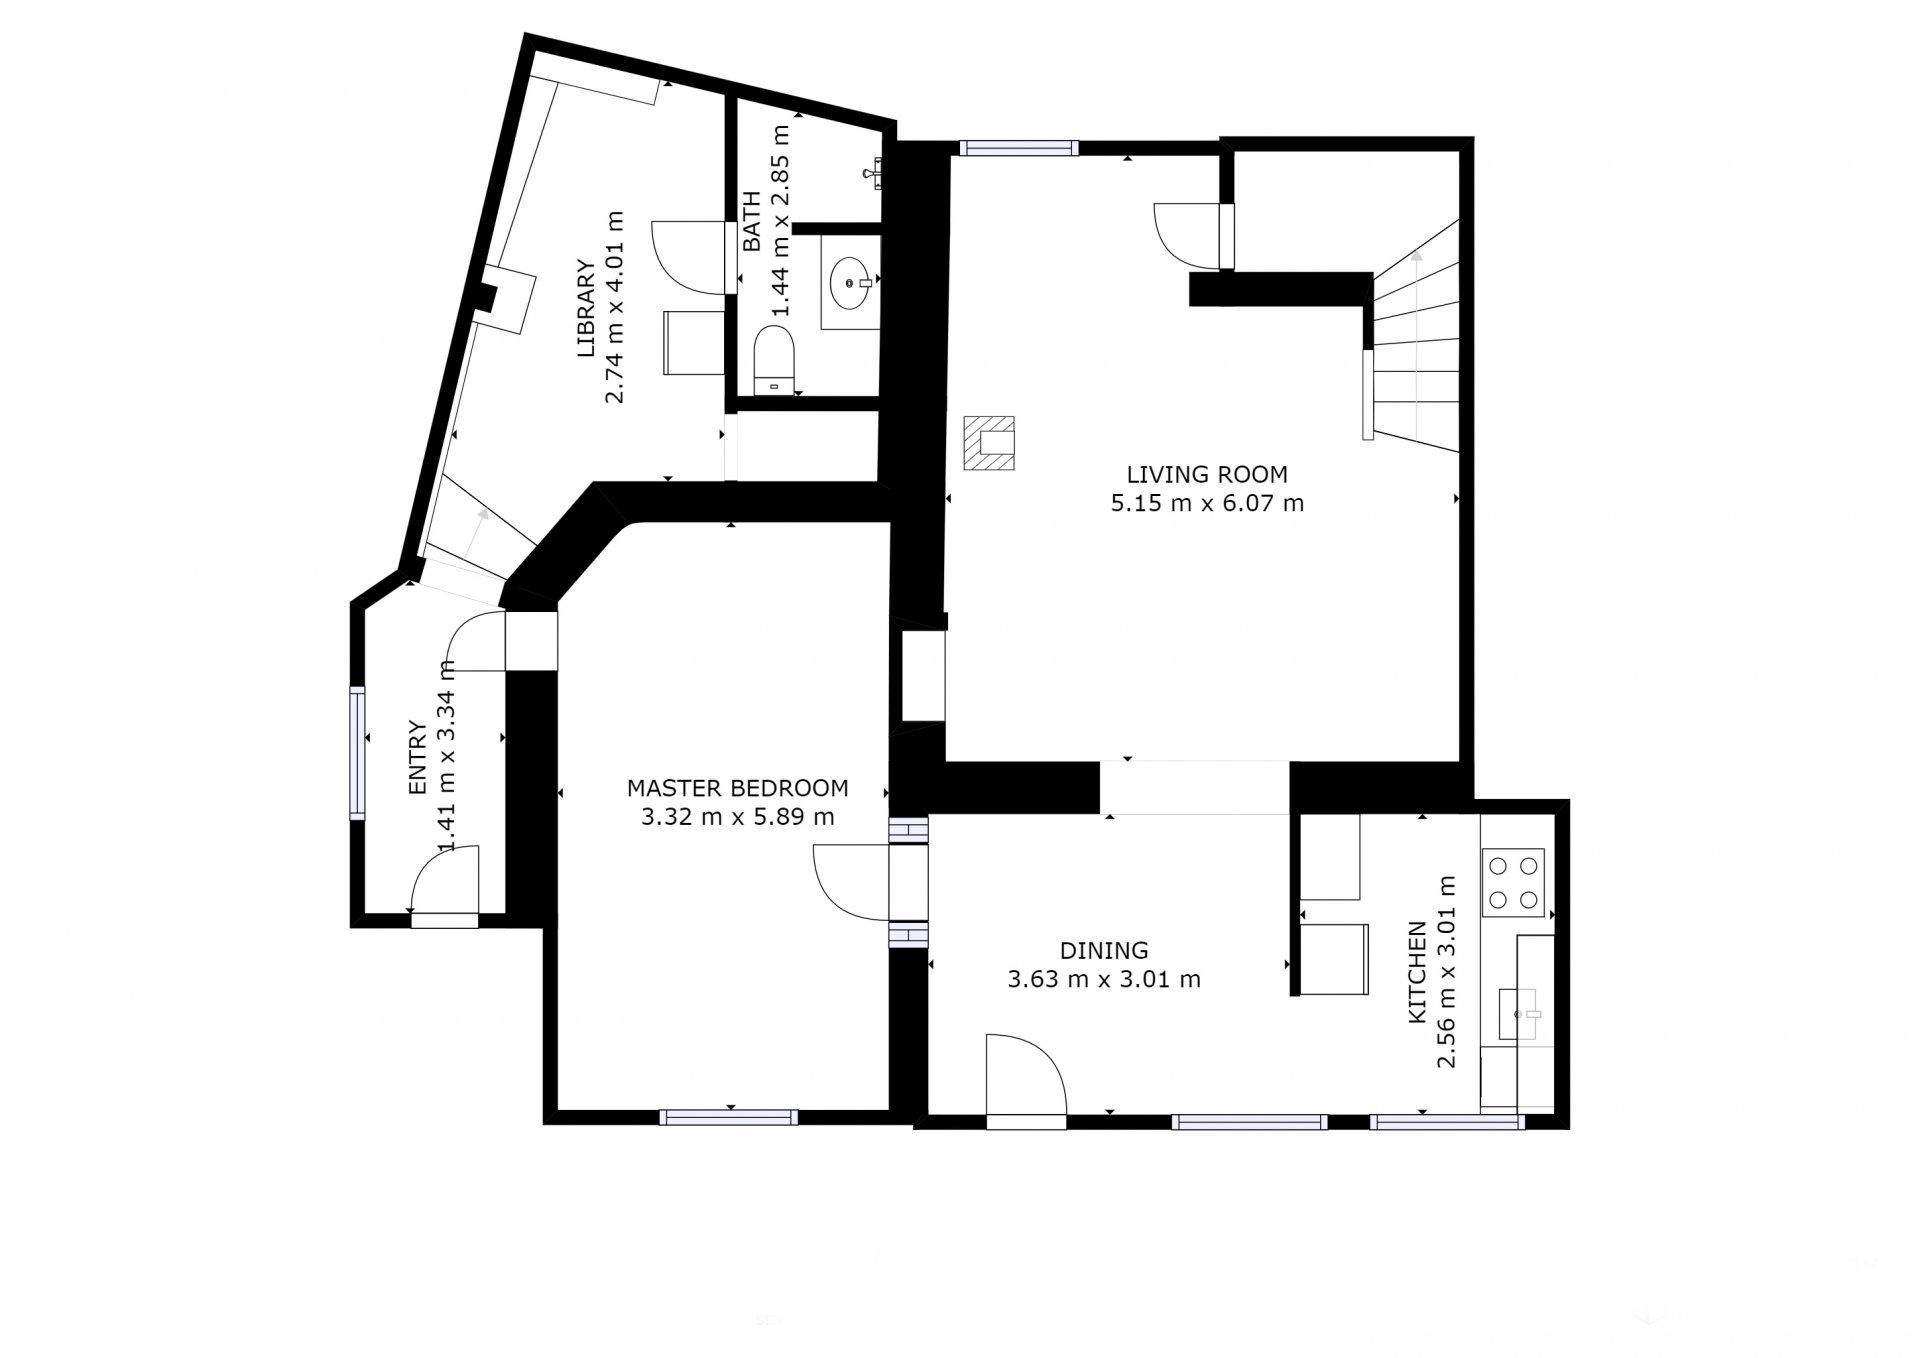 Vente Maison T5 En Centre Ville La Ciotat